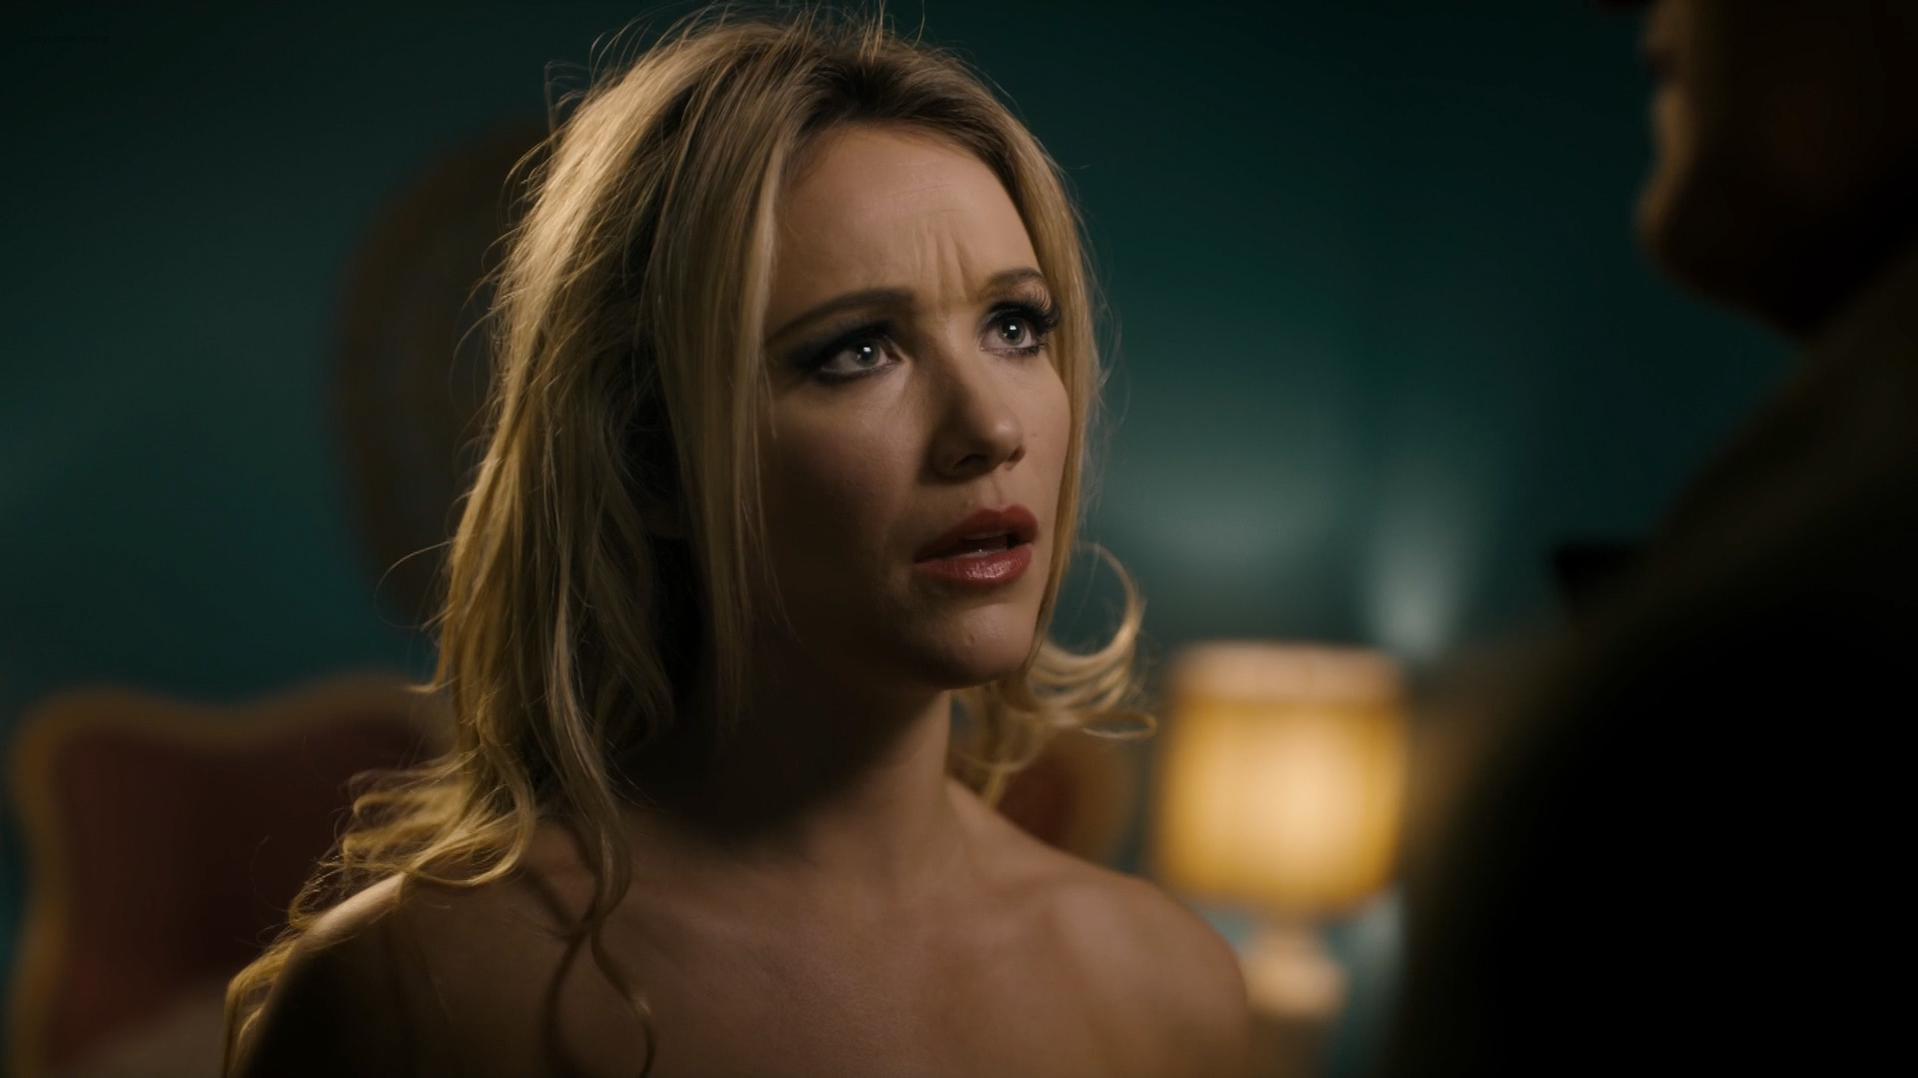 Katrina Bowden sexy - Public Morals s01e01 (2015)